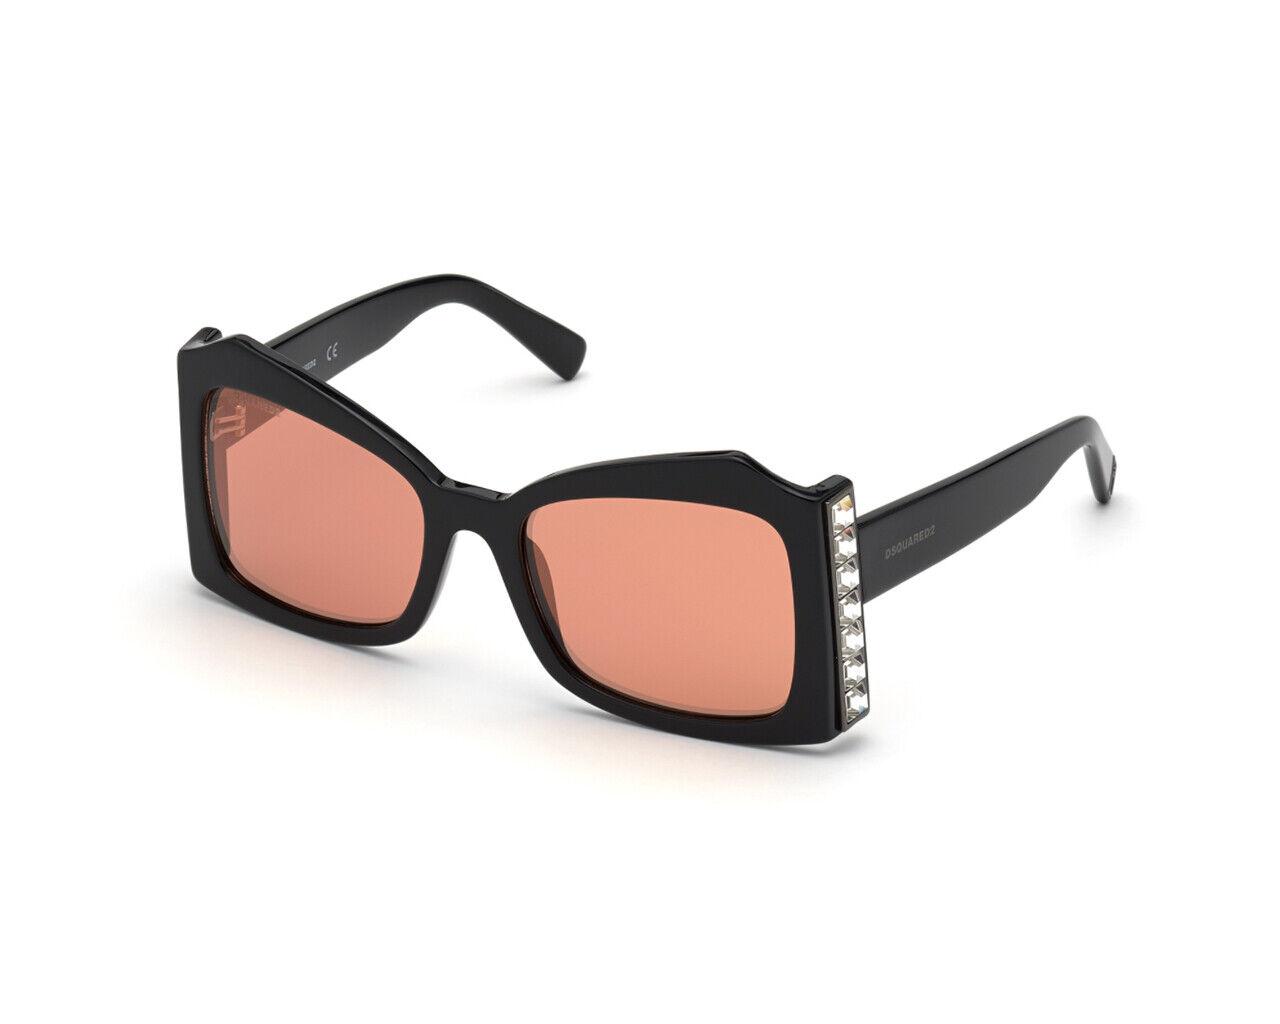 DSQUARED 2 Sunglasses dq0357 01u Black Women Bordeaux